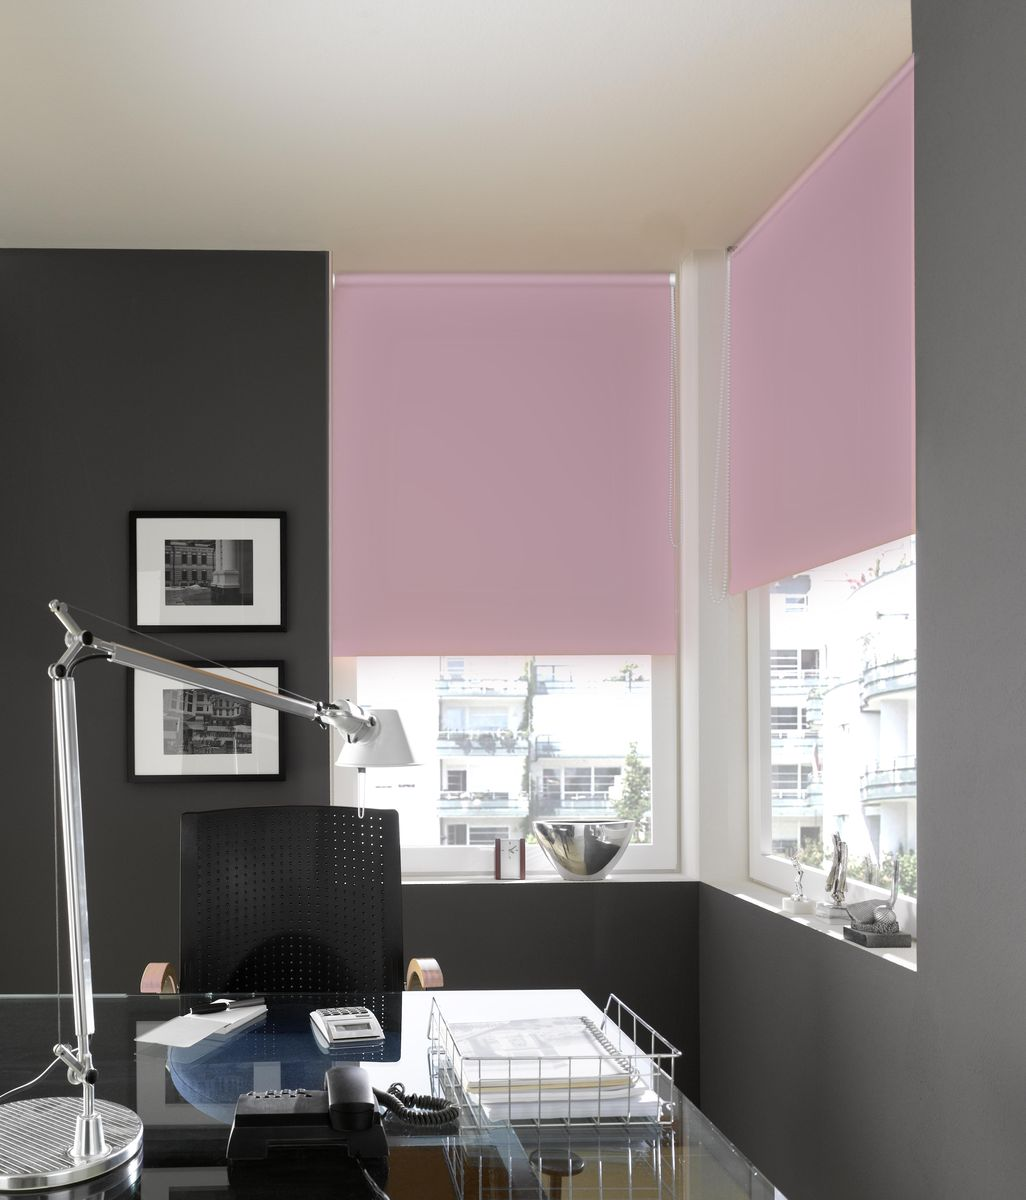 Штора рулонная Эскар Миниролло. Blackout, светонепроницаемая, цвет: розовый кварц, ширина 90 см, высота 170 см34933090170Рулонными шторамиЭскар Миниролло. Blackout можно оформлять окна как самостоятельно, так и использовать в комбинации с портьерами. Это поможет предотвратить выгорание дорогой ткани на солнце и соединит функционал рулонных с красотой навесных. Преимущества применения рулонных штор для пластиковых окон: - имеют прекрасный внешний вид: многообразие и фактурность материала изделия отлично смотрятся в любом интерьере;- многофункциональны: есть возможность подобрать шторы способные эффективно защитить комнату от солнца, при этом она не будет слишком темной;- есть возможность осуществить быстрый монтаж.ВНИМАНИЕ! Размеры ширины изделия указаны по ширине ткани! Во время эксплуатации не рекомендуется полностью разматывать рулон, чтобы не оторвать ткань от намоточного вала. В случае загрязнения поверхности ткани, чистку шторы проводят одним из способов, в зависимости от типа загрязнения:легкое поверхностное загрязнение можно удалить при помощи канцелярского ластика;чистка от пыли производится сухим методом при помощи пылесоса с мягкой щеткой-насадкой;для удаления пятна используйте мягкую губку с пенообразующим неагрессивным моющим средством или пятновыводитель на натуральной основе (нельзя применять растворители).